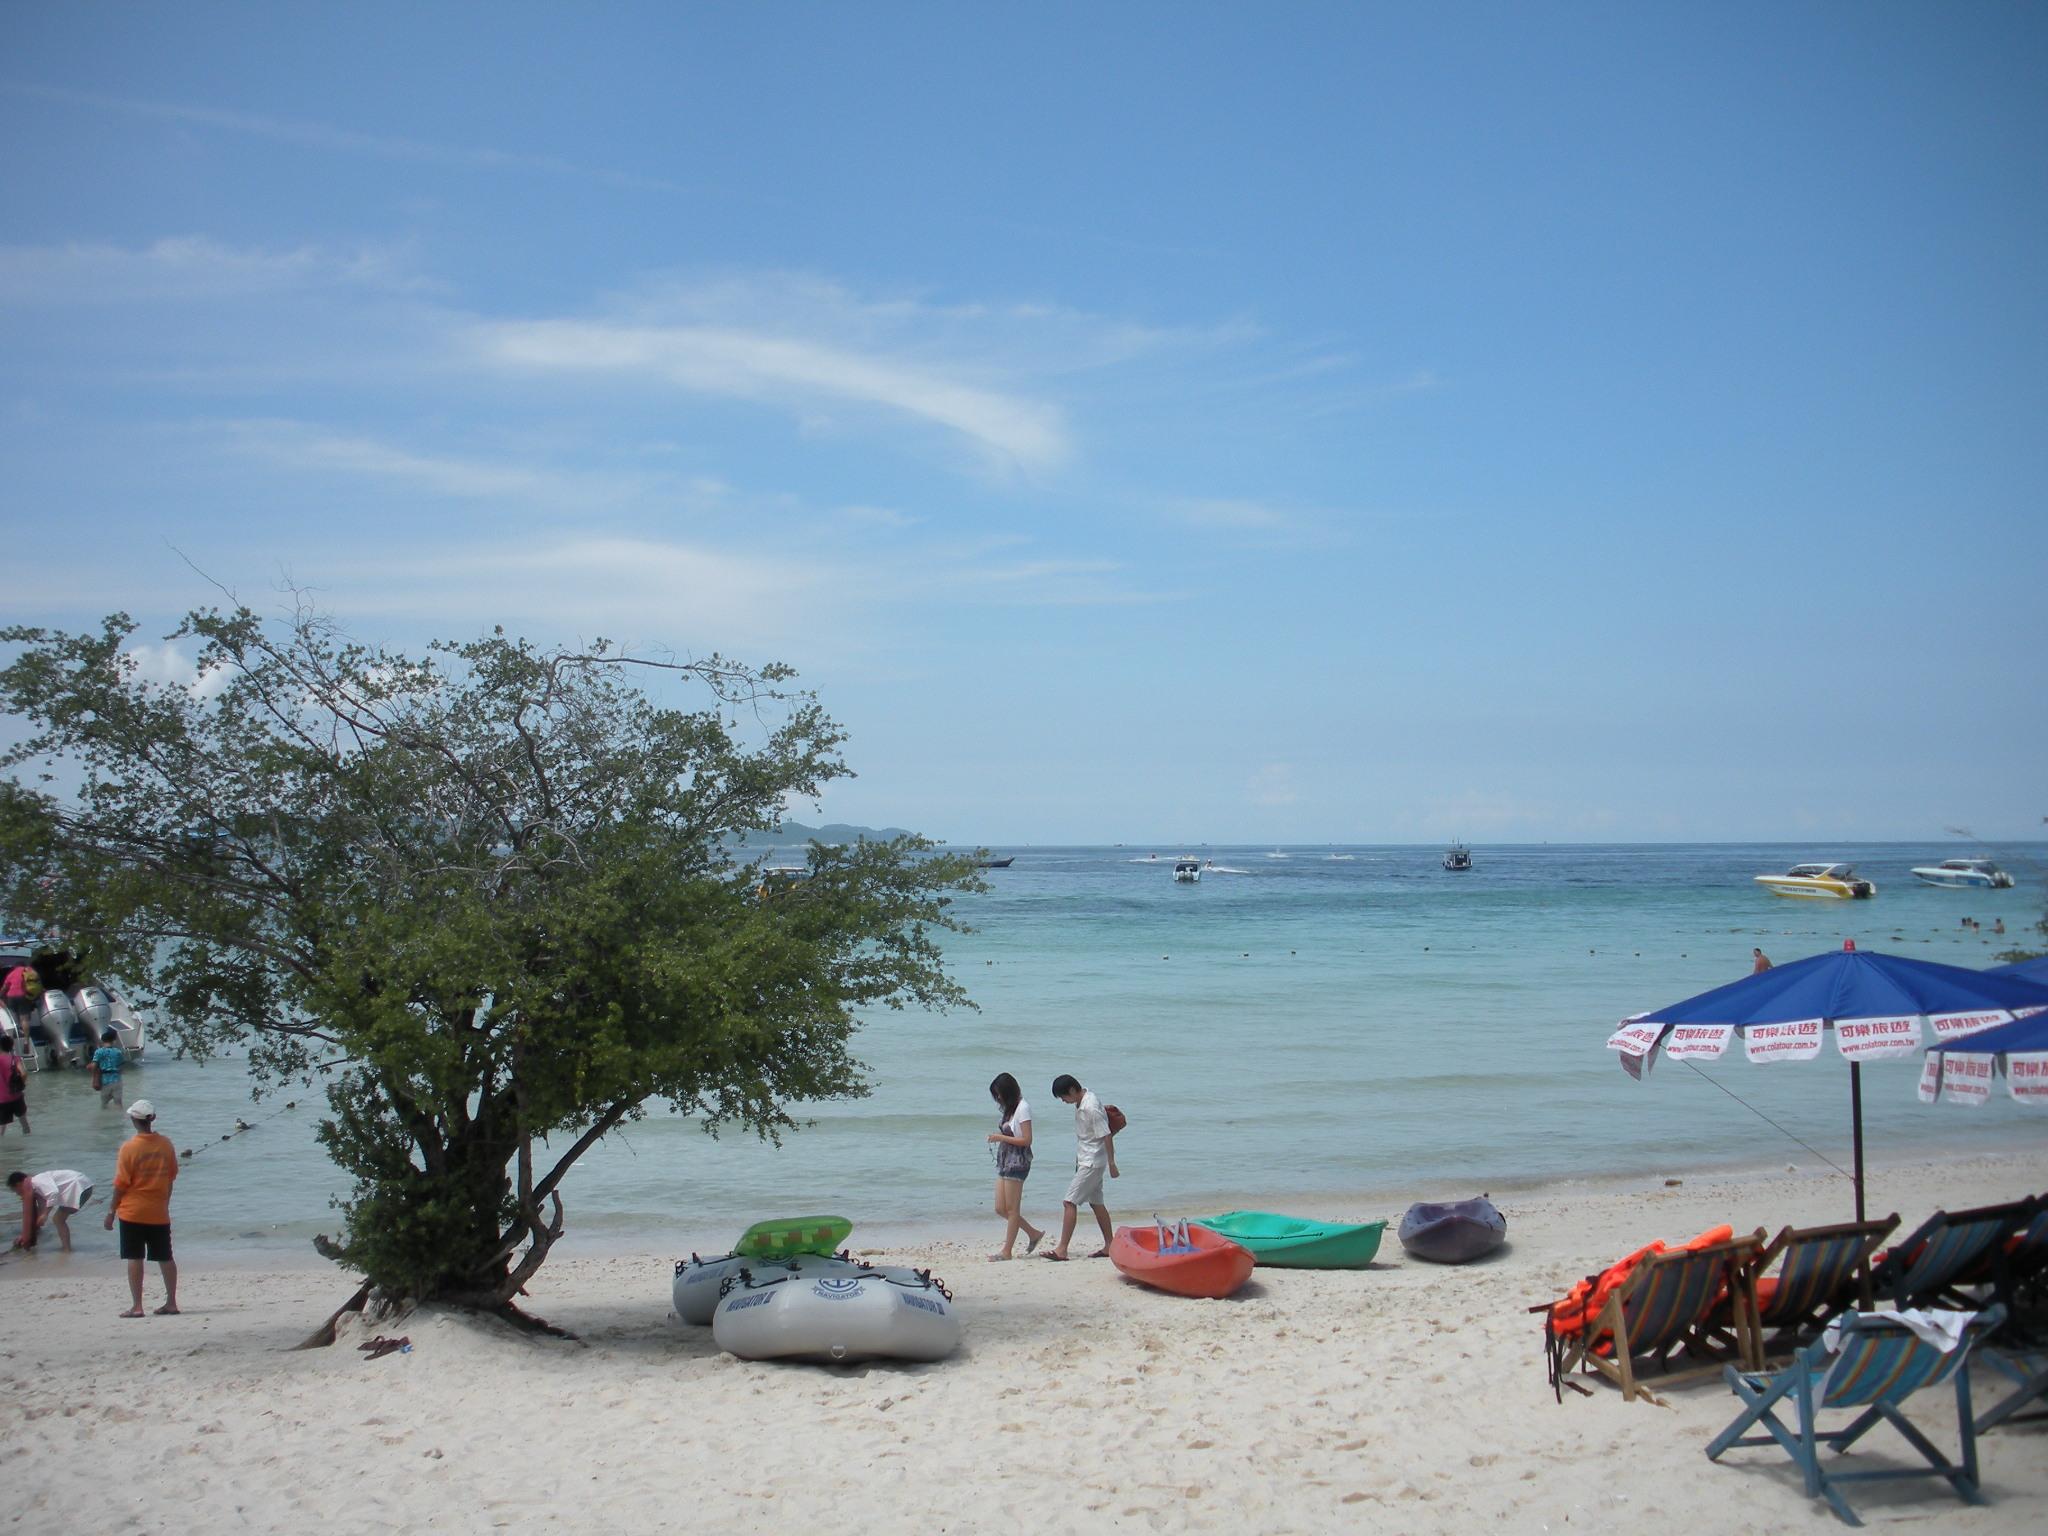 旅行心情记录:海洋岛屿美丽